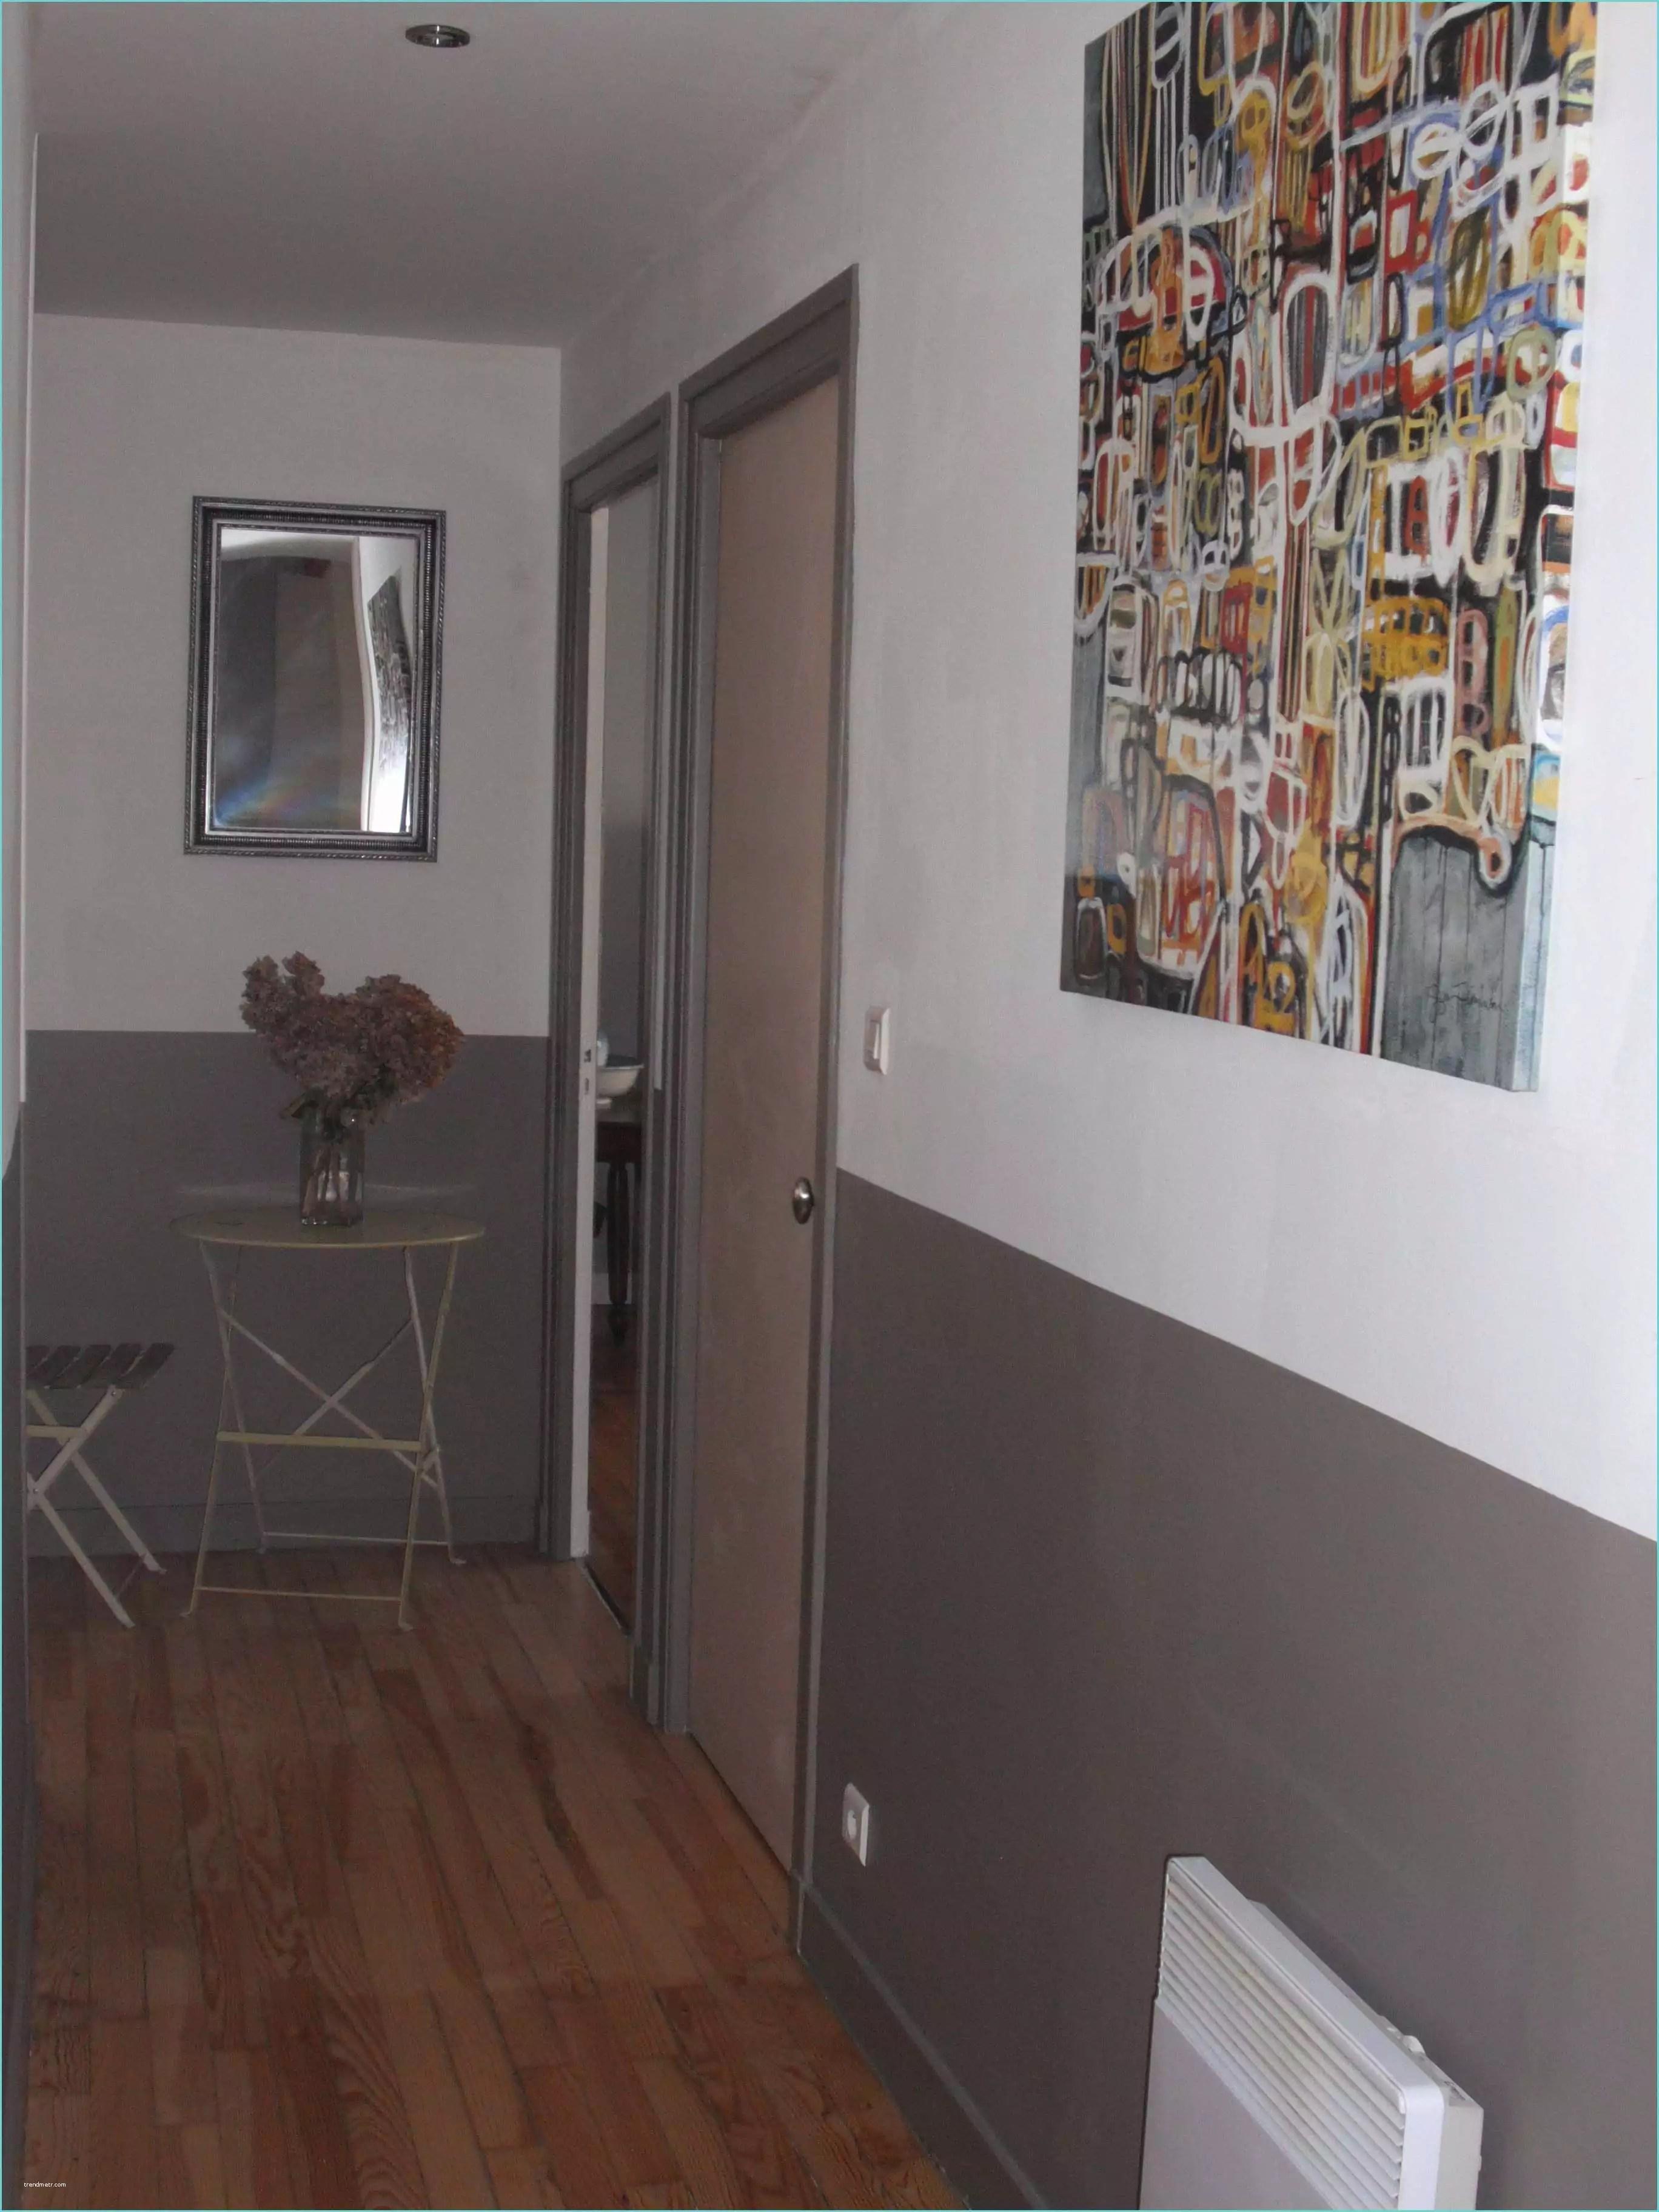 Décoration Peinture Couloir   Idee Deco Peinture Salon Idee Deco ...